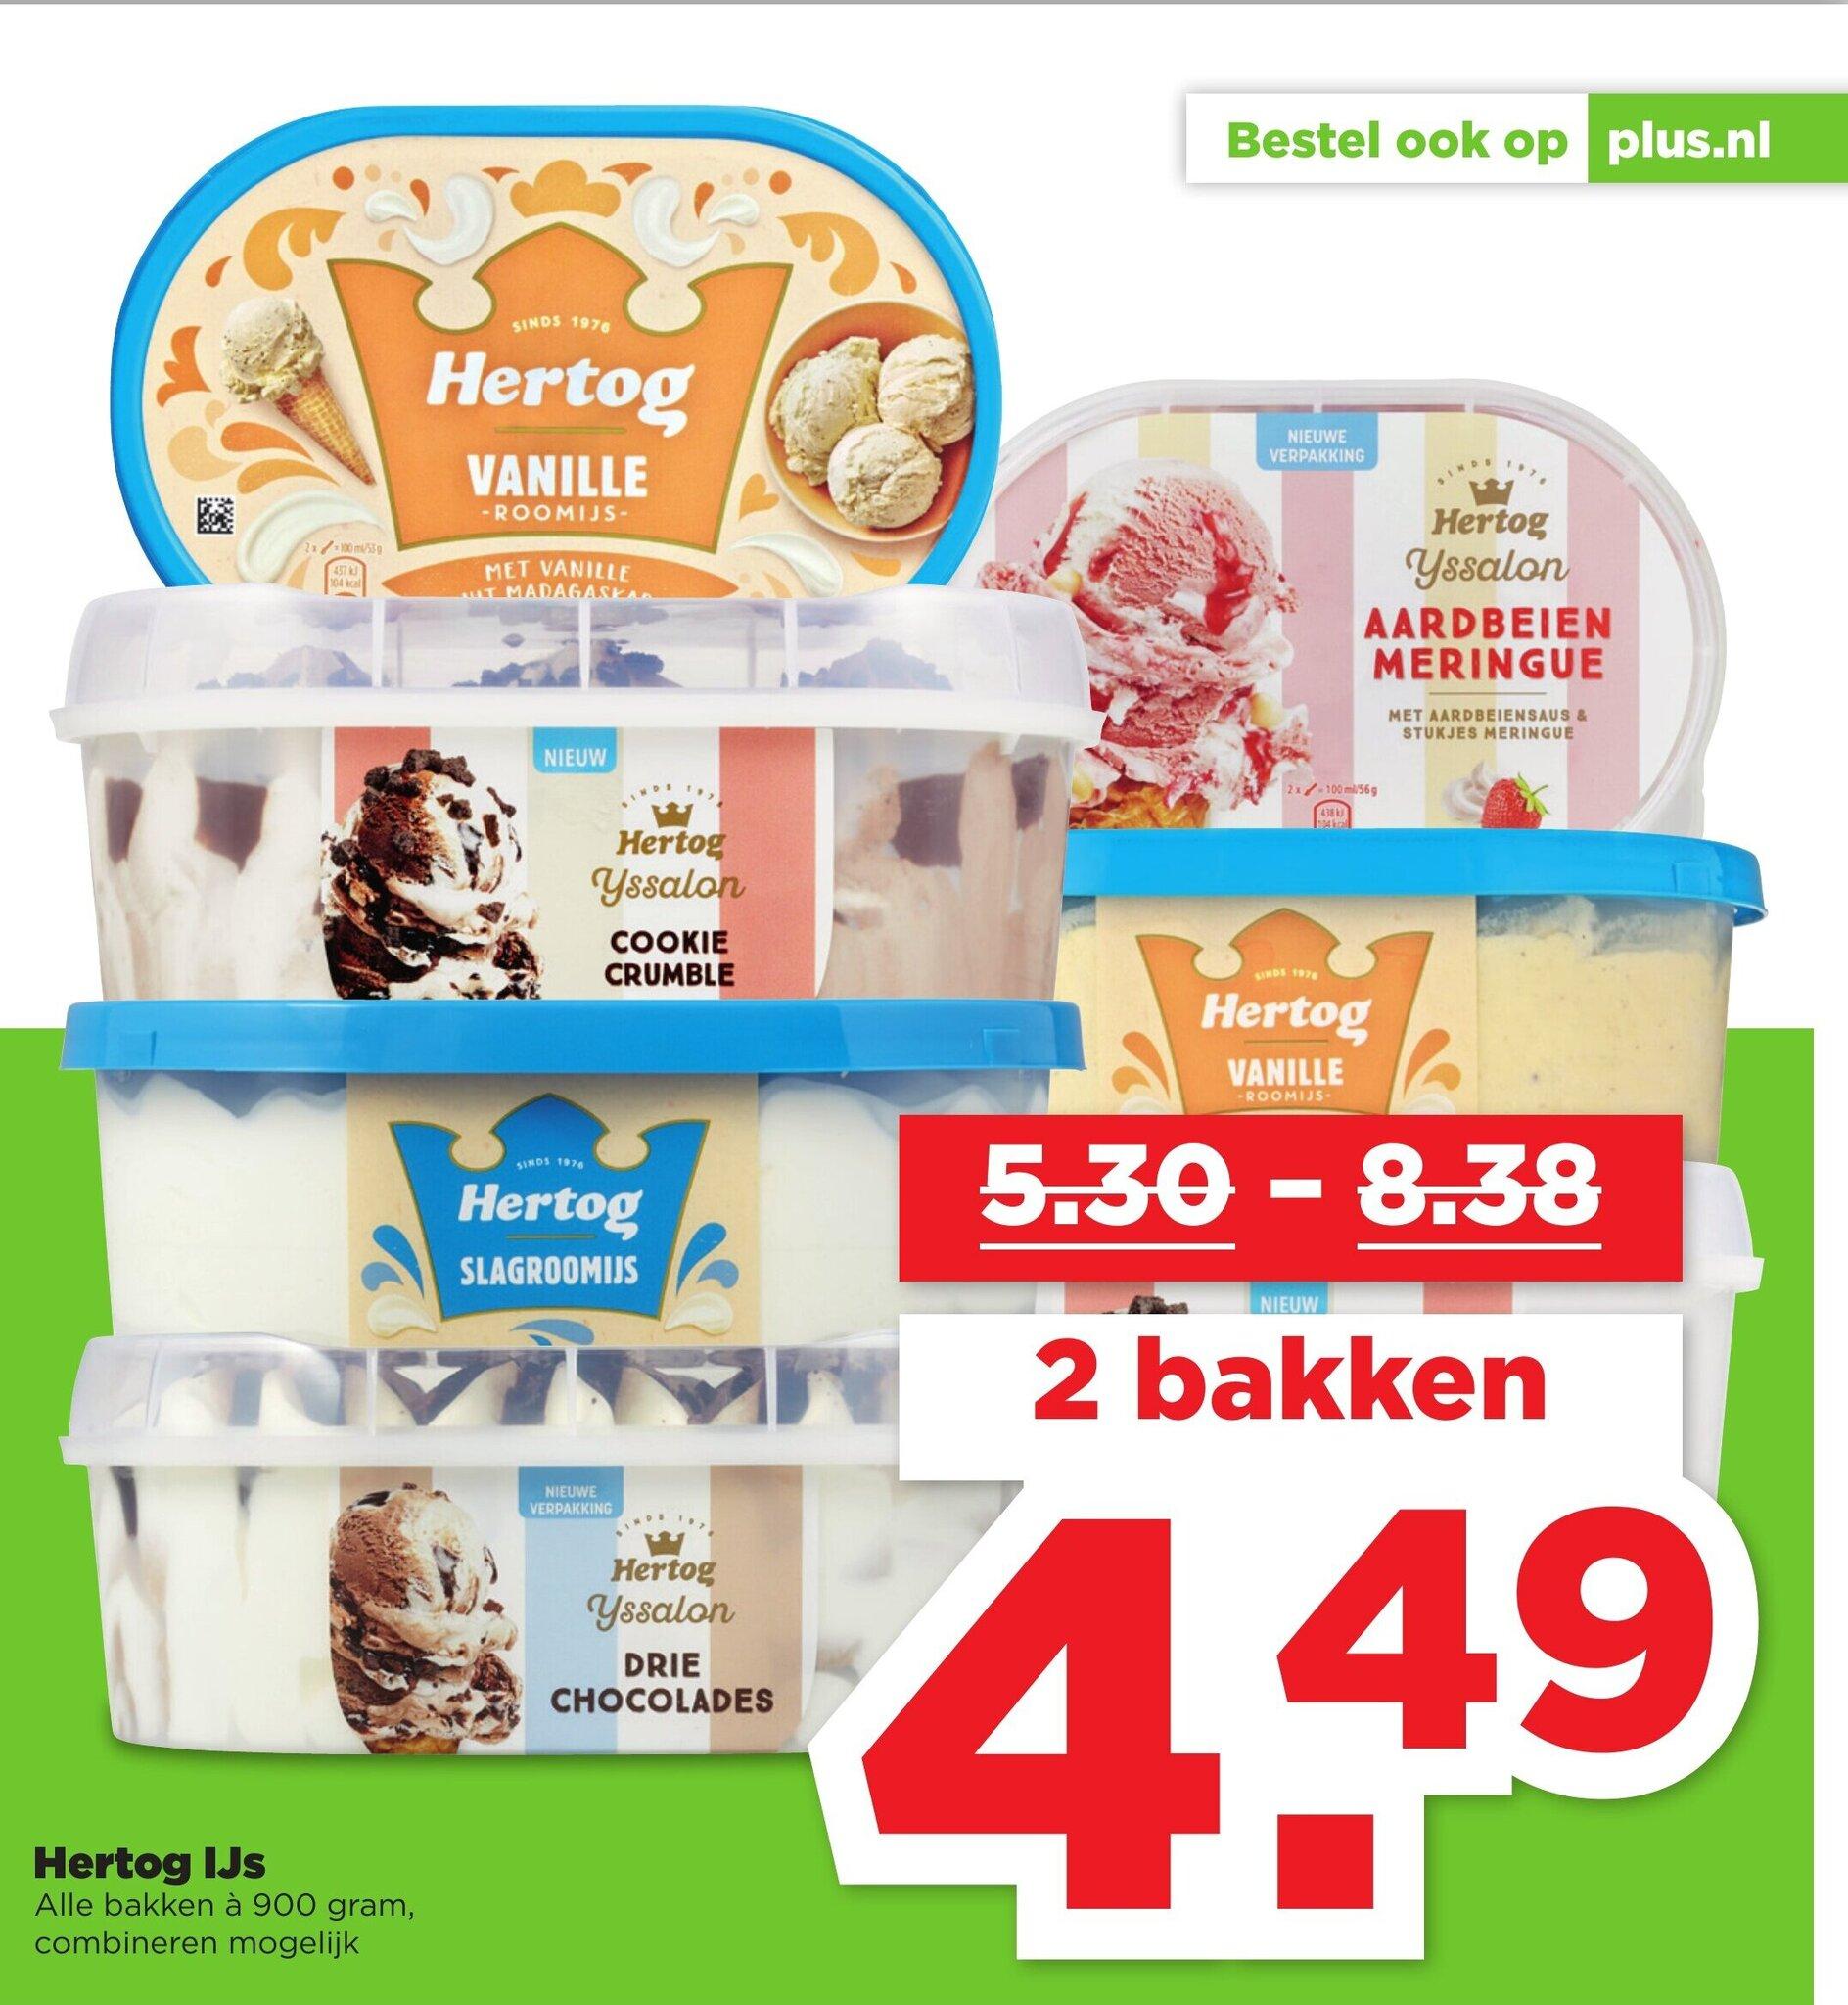 Alle smaken 900 ml Hertog IJs 2 voor €4,49 (€2,25 per pak) @ PLUS